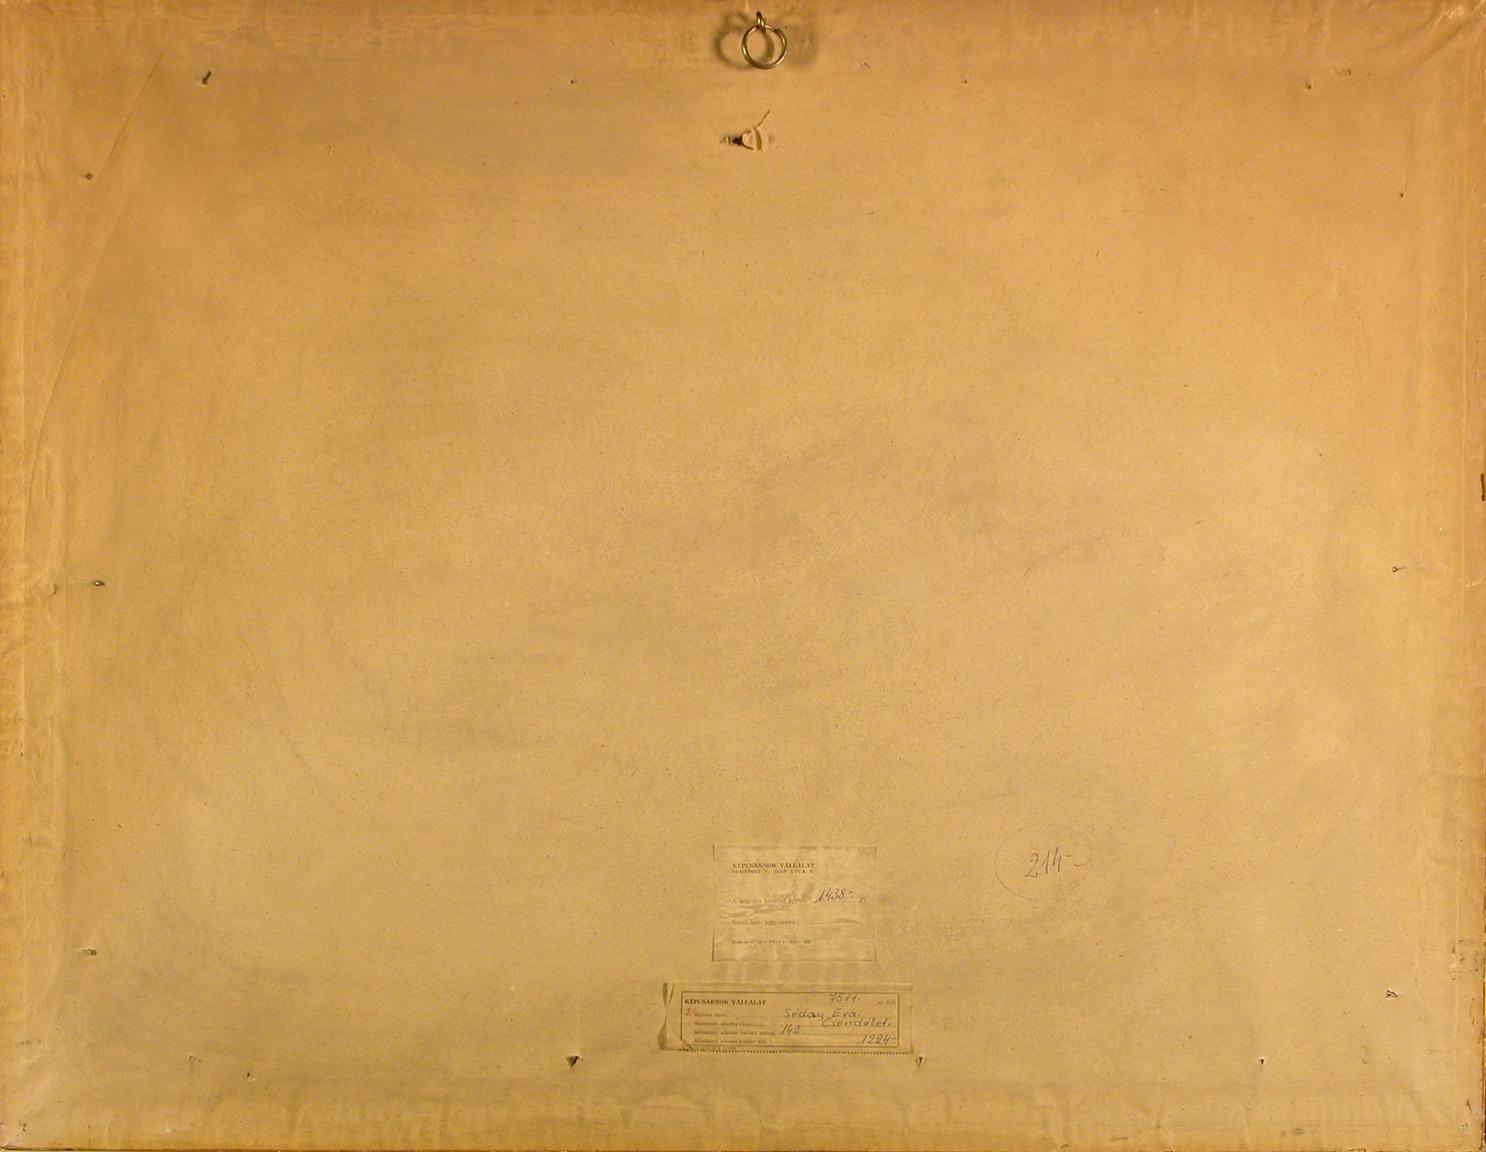 DSCN0161.JPG (1486×1152)